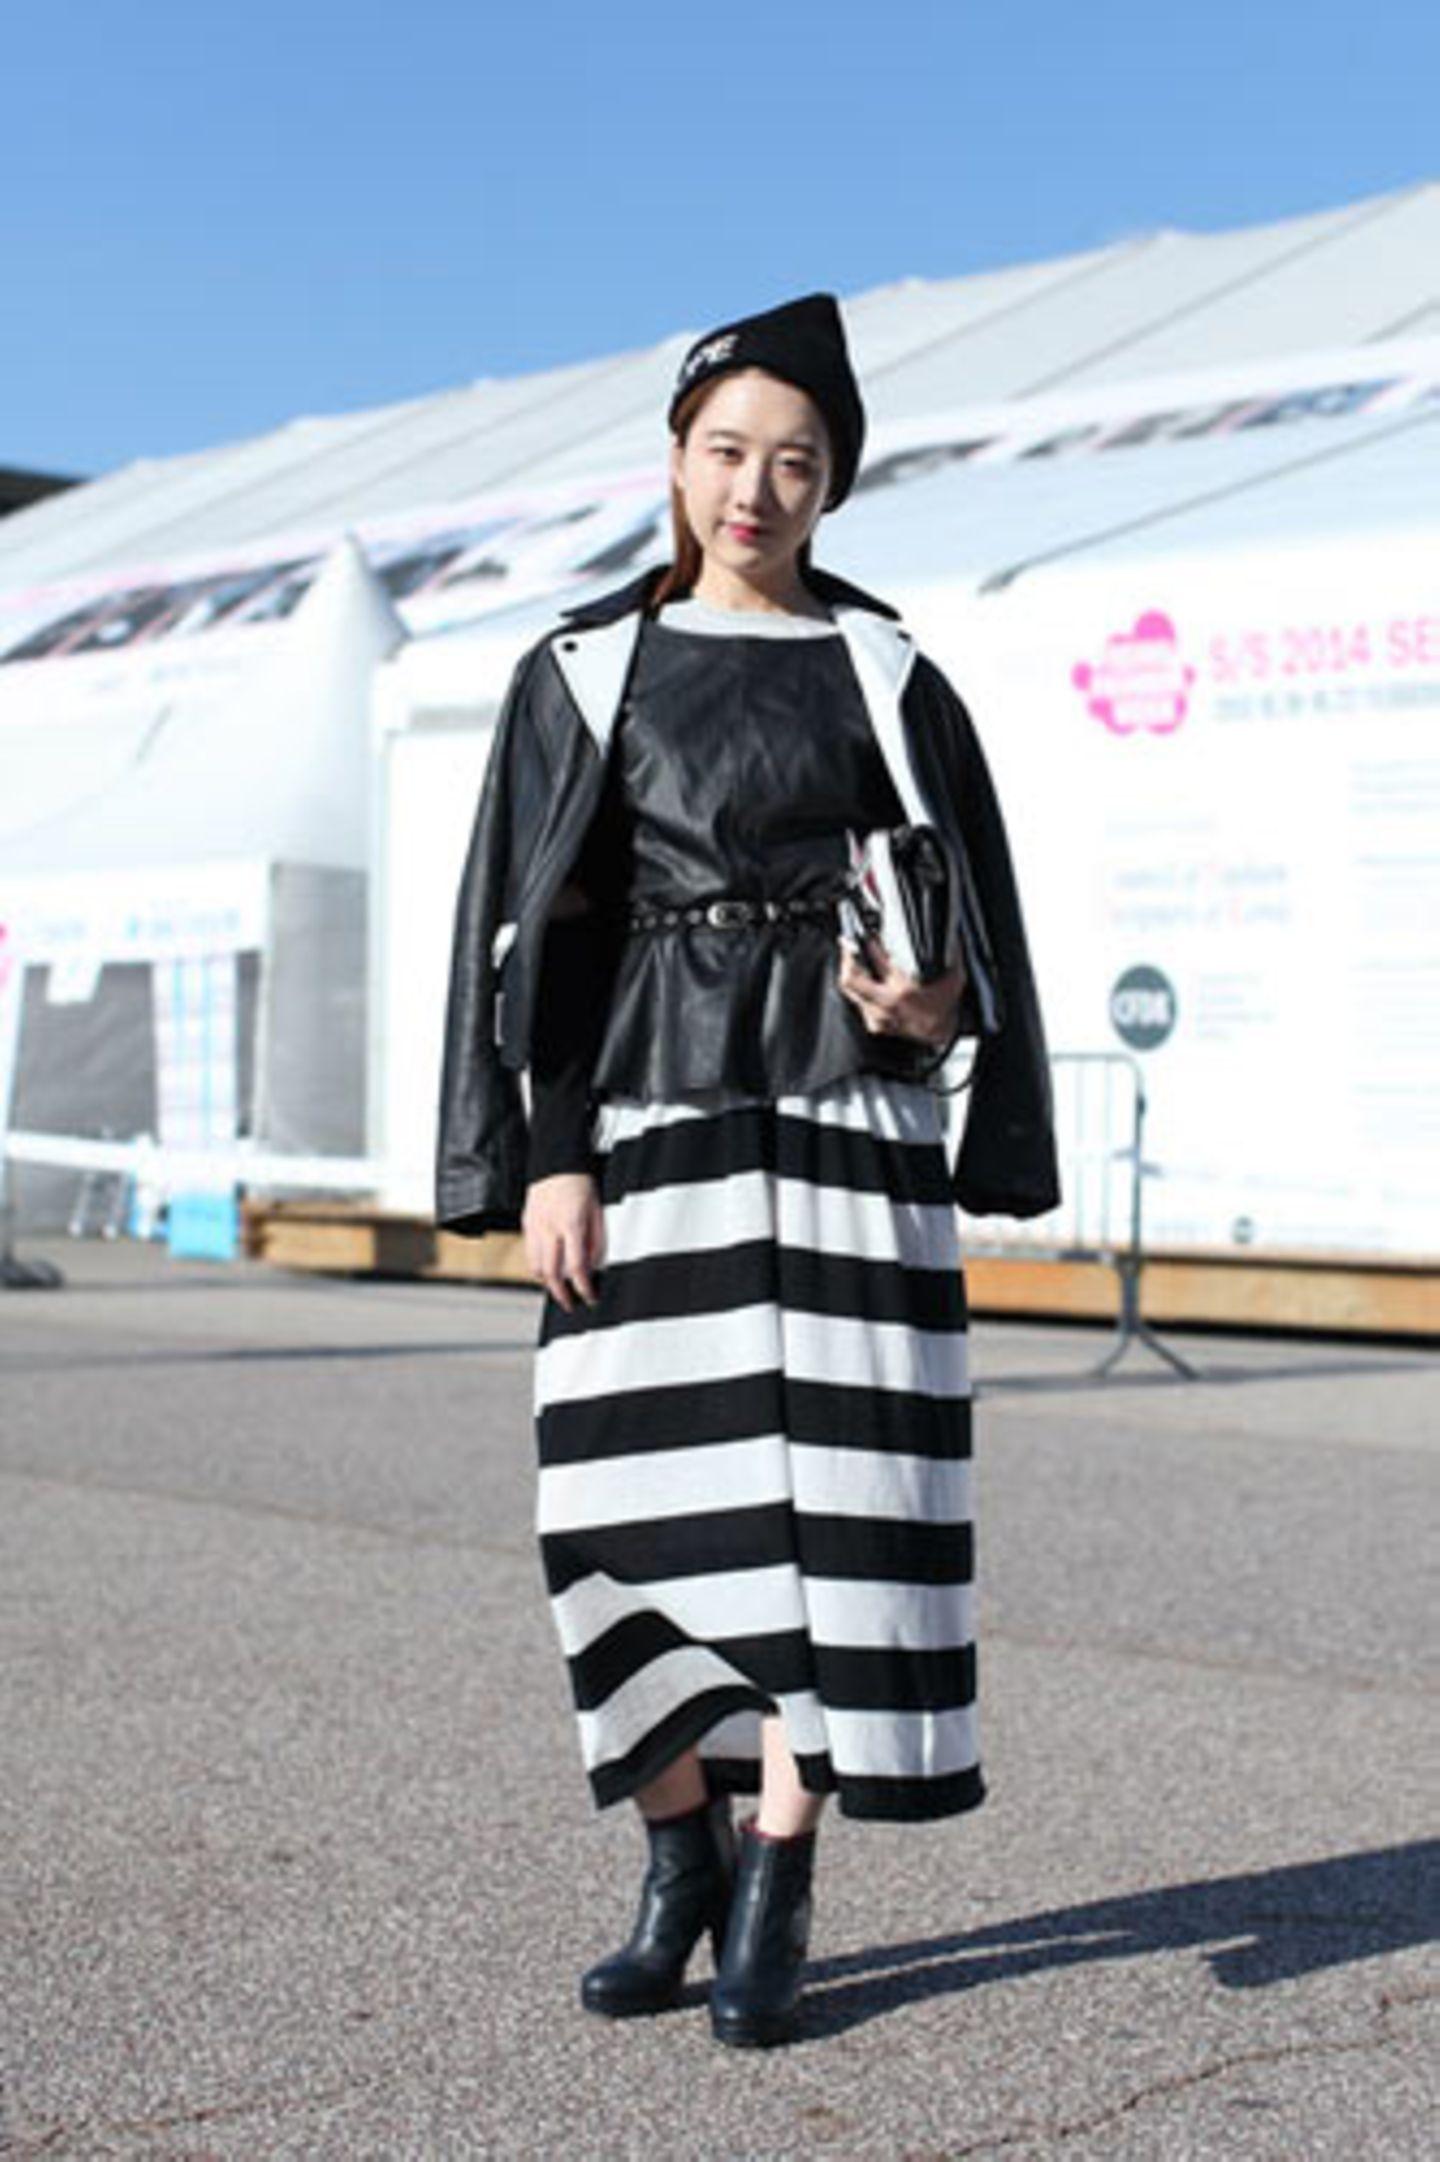 Auch Kim Mina setzt auf Schwarz und Weiß, allerdings in der etwas auffälligeren Variante. Das Maxikleid mit Blockstreifen ist von Cheap Monday, das Ledertop von H&M.